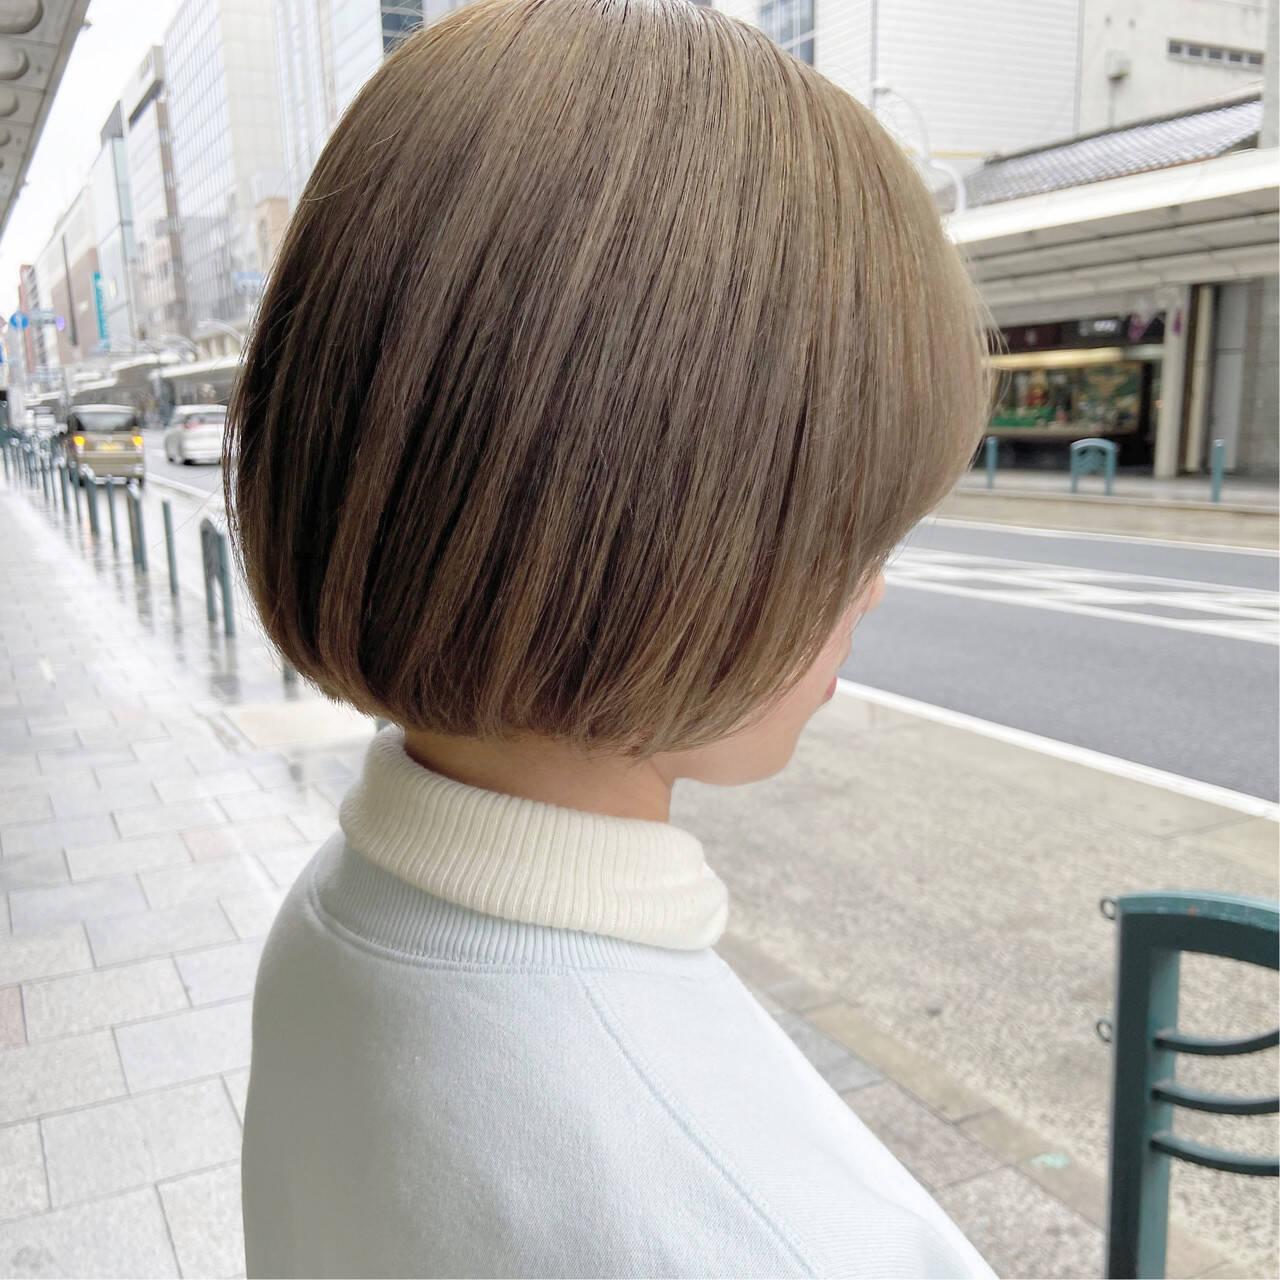 オリーブグレージュ グレージュ アッシュグレージュ シルバーグレージュヘアスタイルや髪型の写真・画像